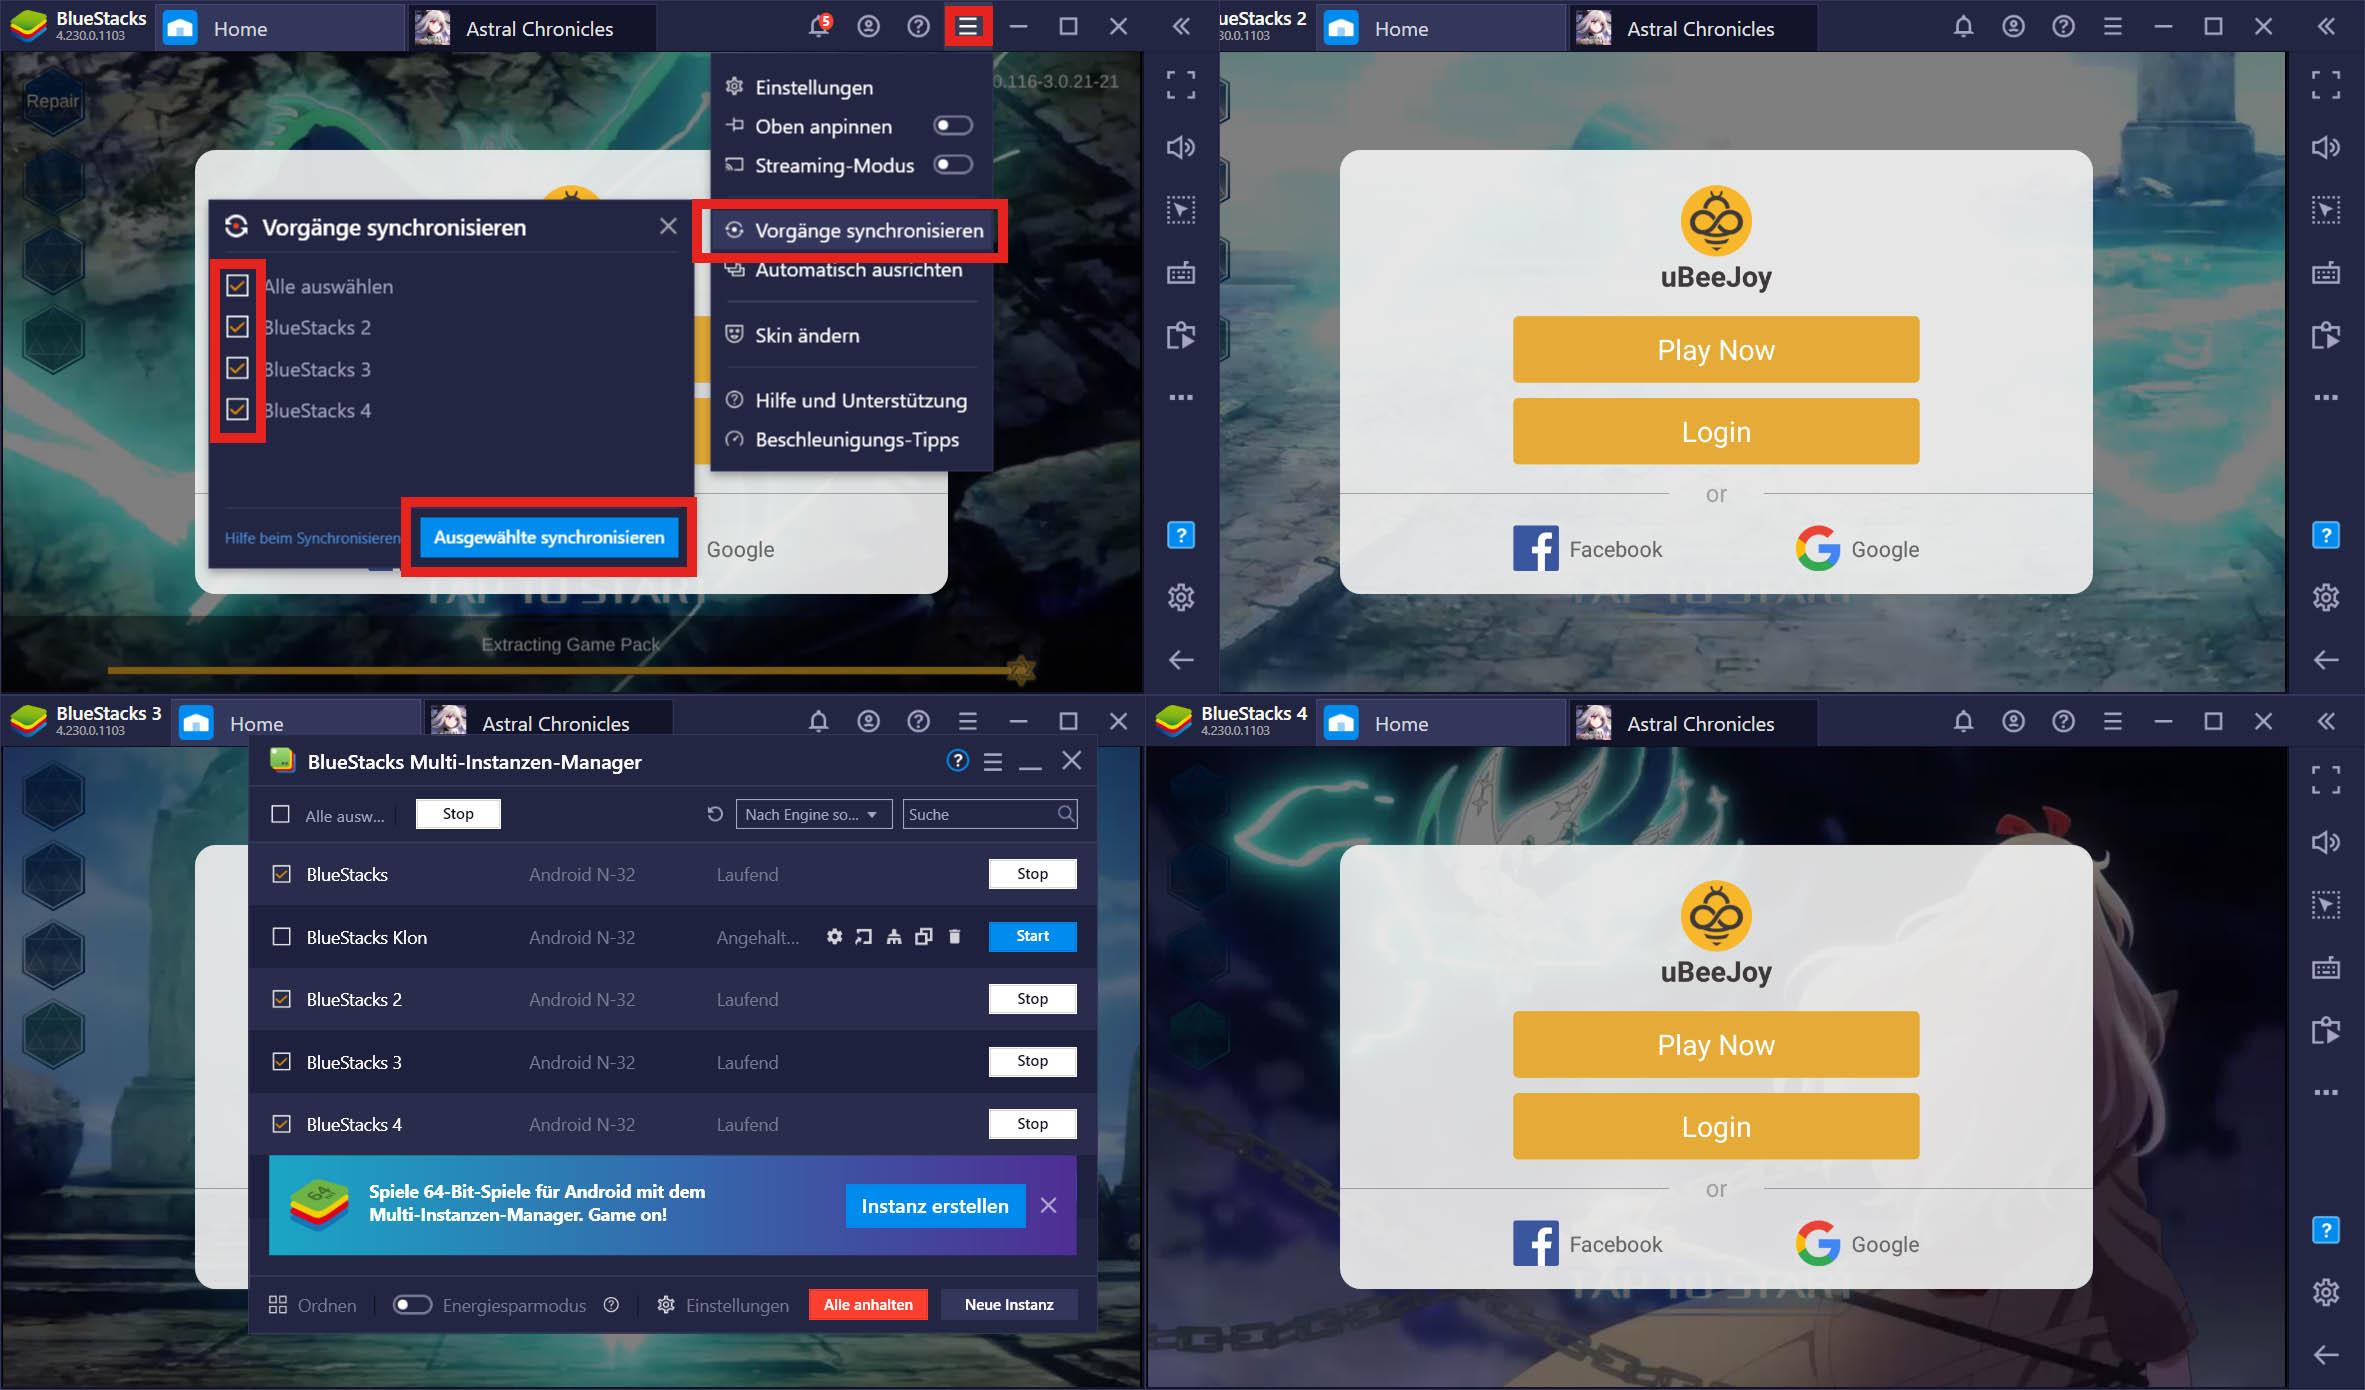 BlueStacks Features: Meisterhaftes Gameplay mit Multi-Instanz-Synchronisierung